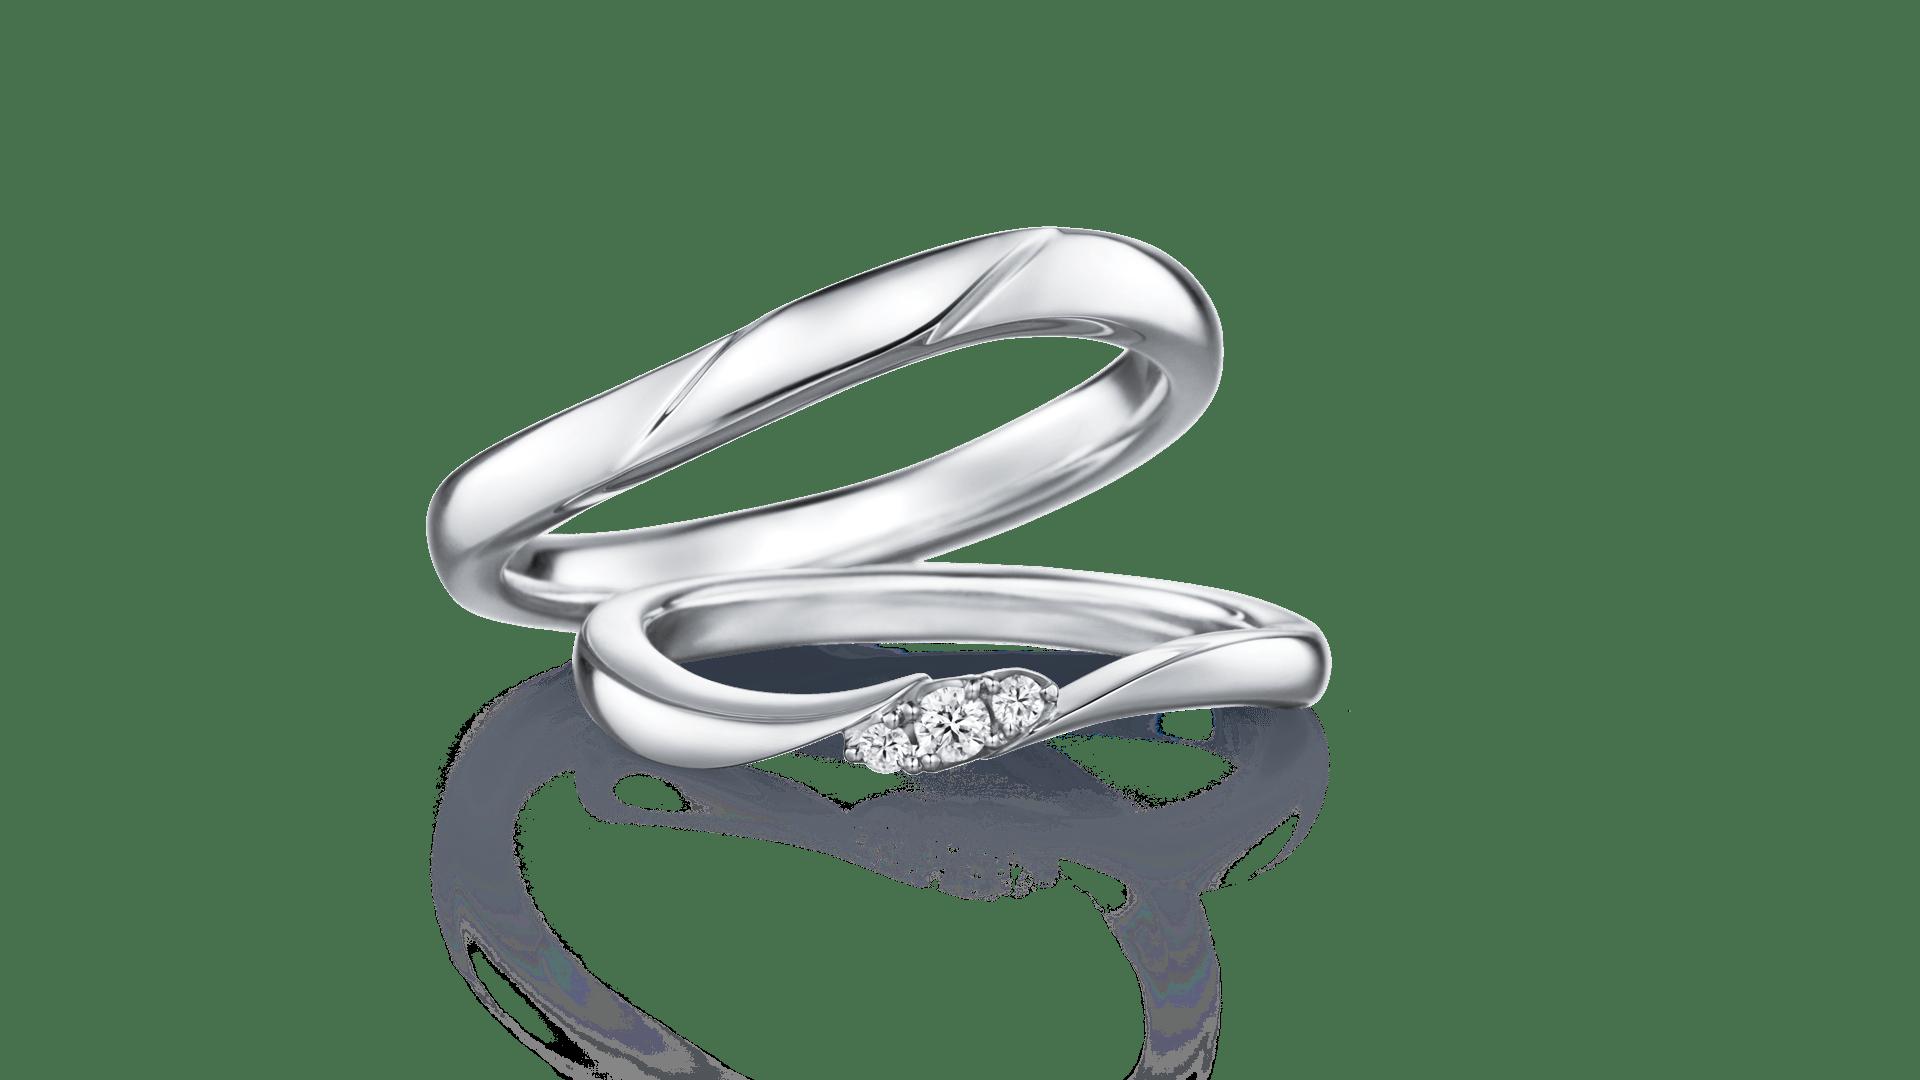 celeris ケレリス | 結婚指輪サムネイル 2